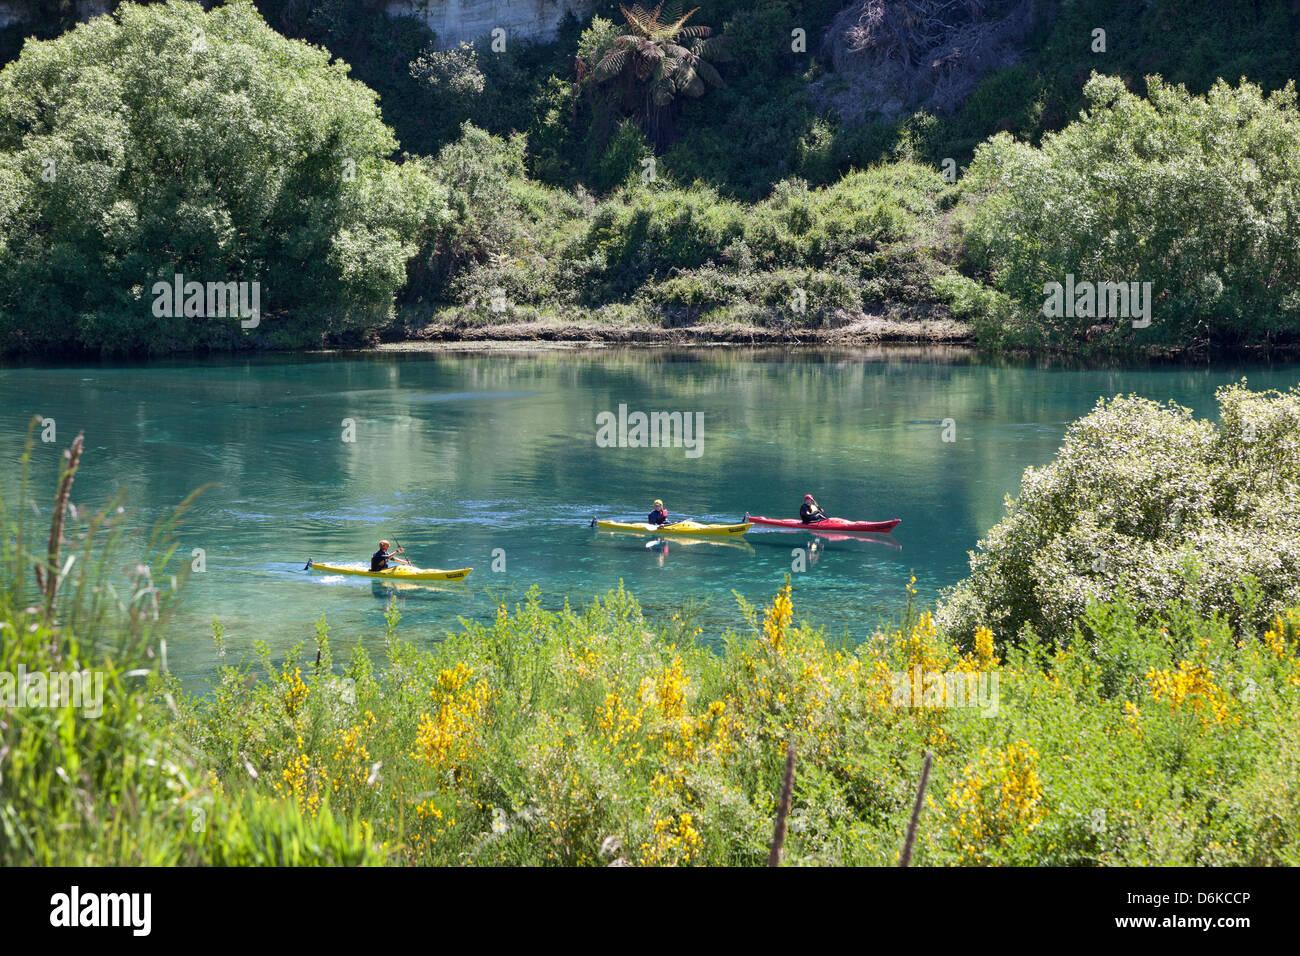 Canoes on the Waikato Rive near Taupo New Zealand - Stock Image